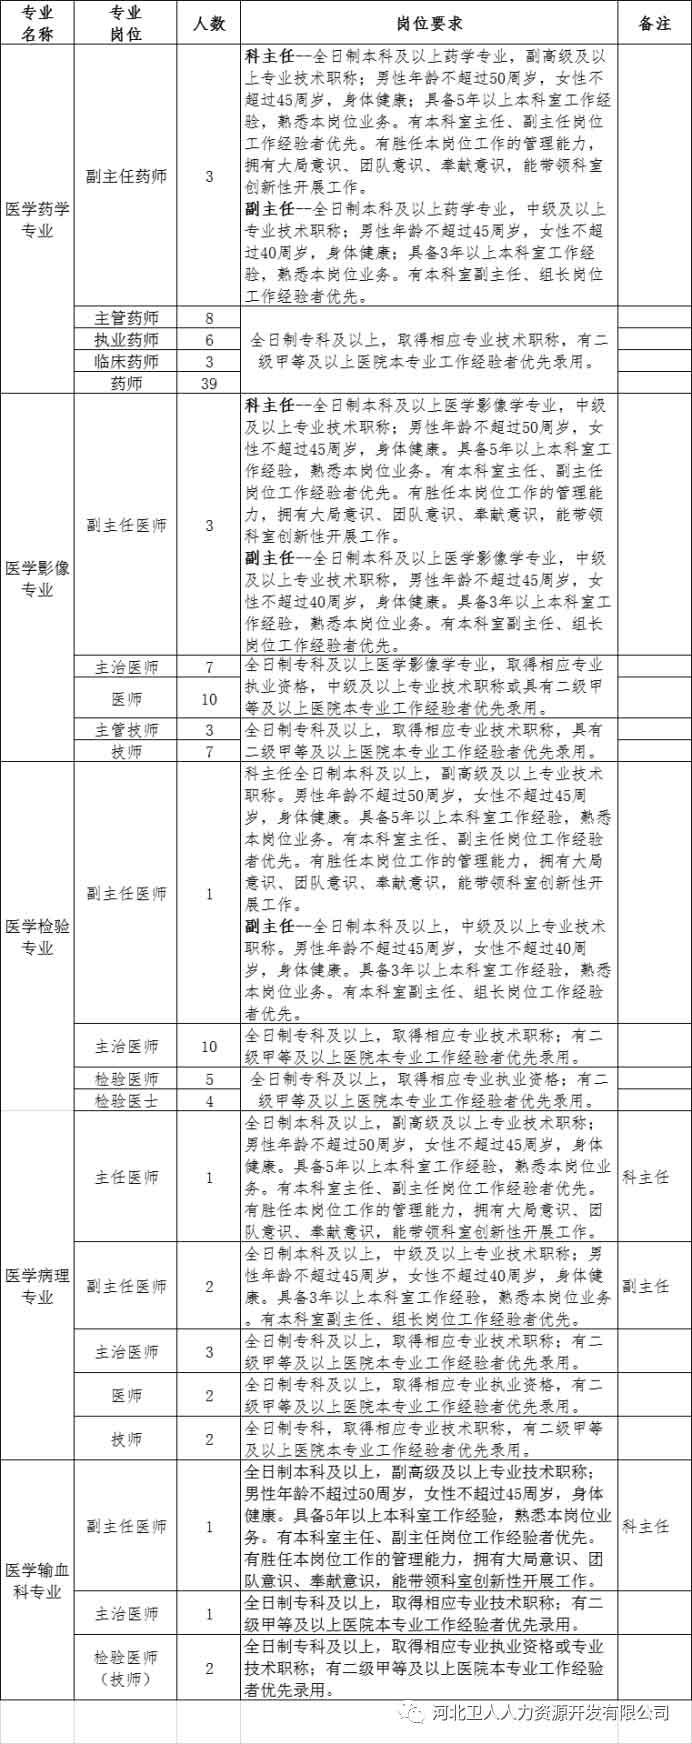 2020年石家庄正定县第二人民医院招聘专业技术人员公告图1